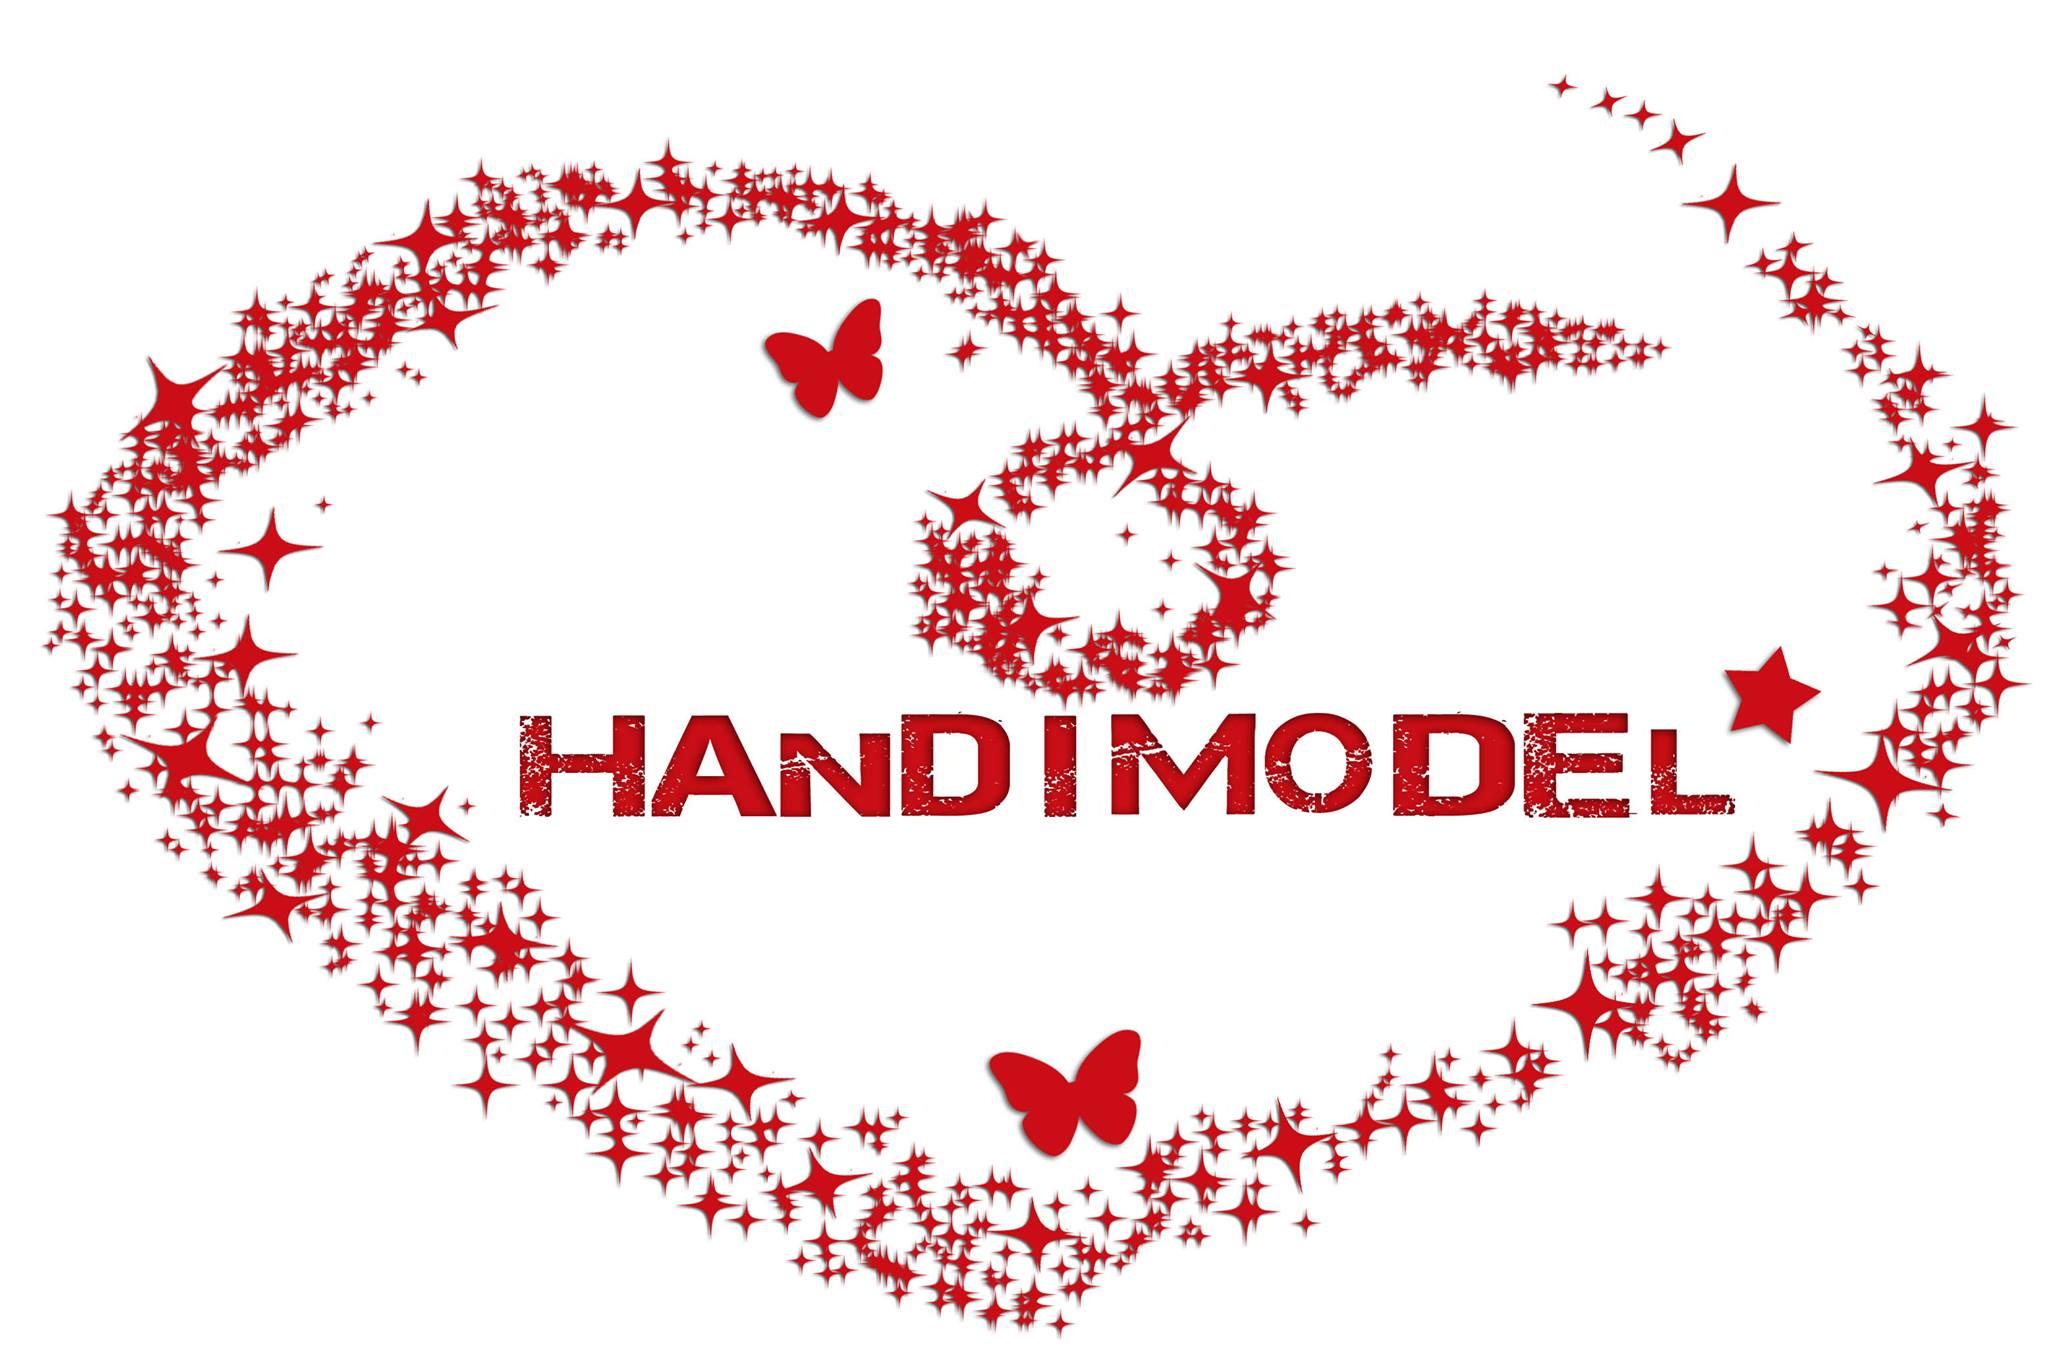 Association - Handi Model